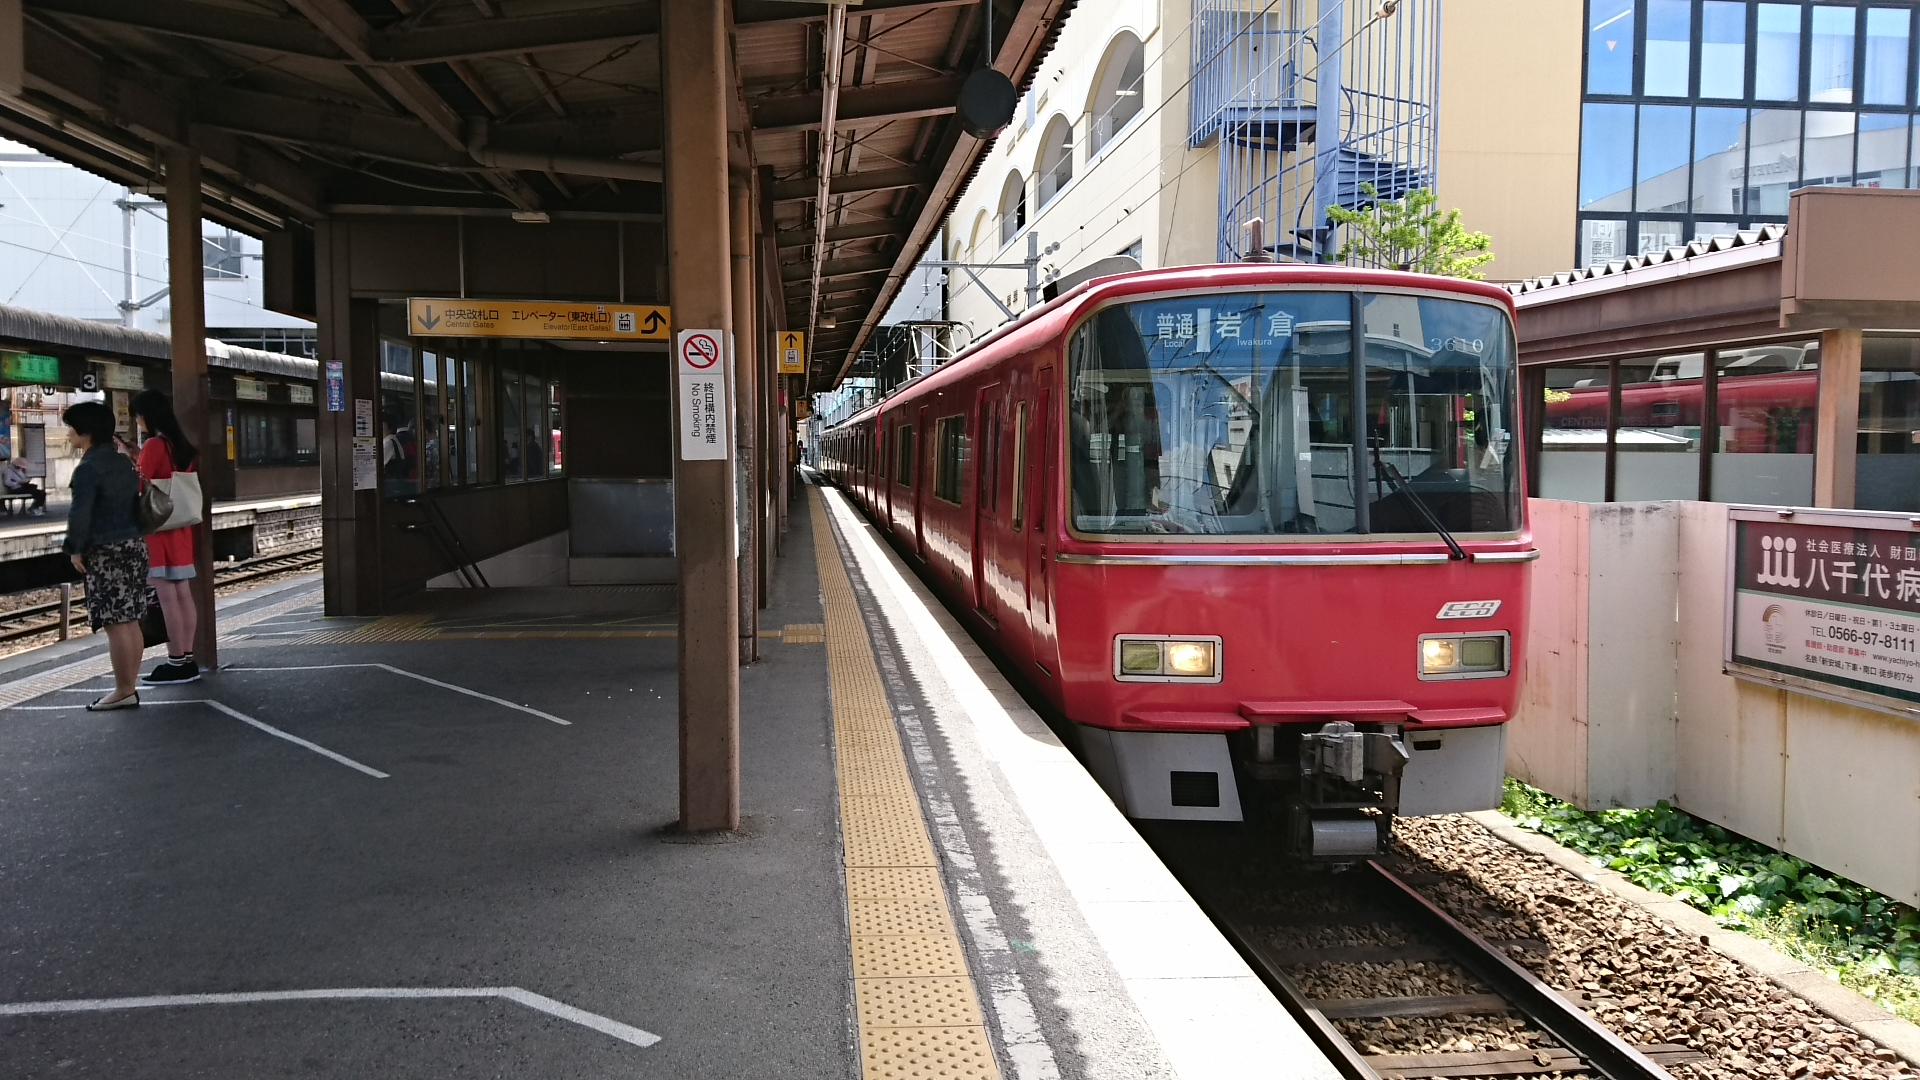 2017.5.4 (3) 東岡崎 - 岩倉いきふつう 1920-1080